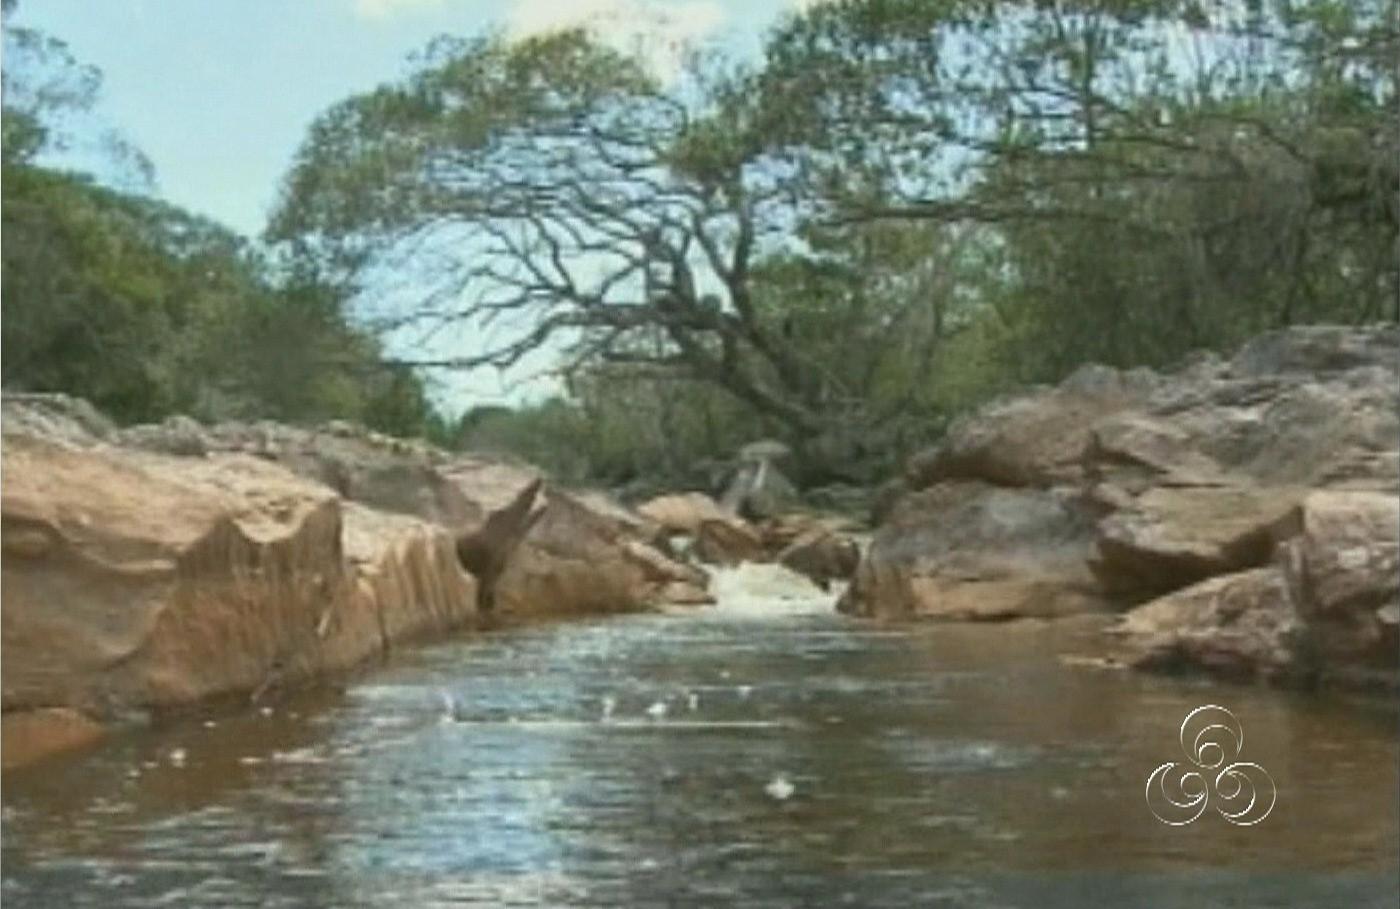 Nascentes de água se transformam em pequenos igarapés na região (Foto: Amazônia TV)